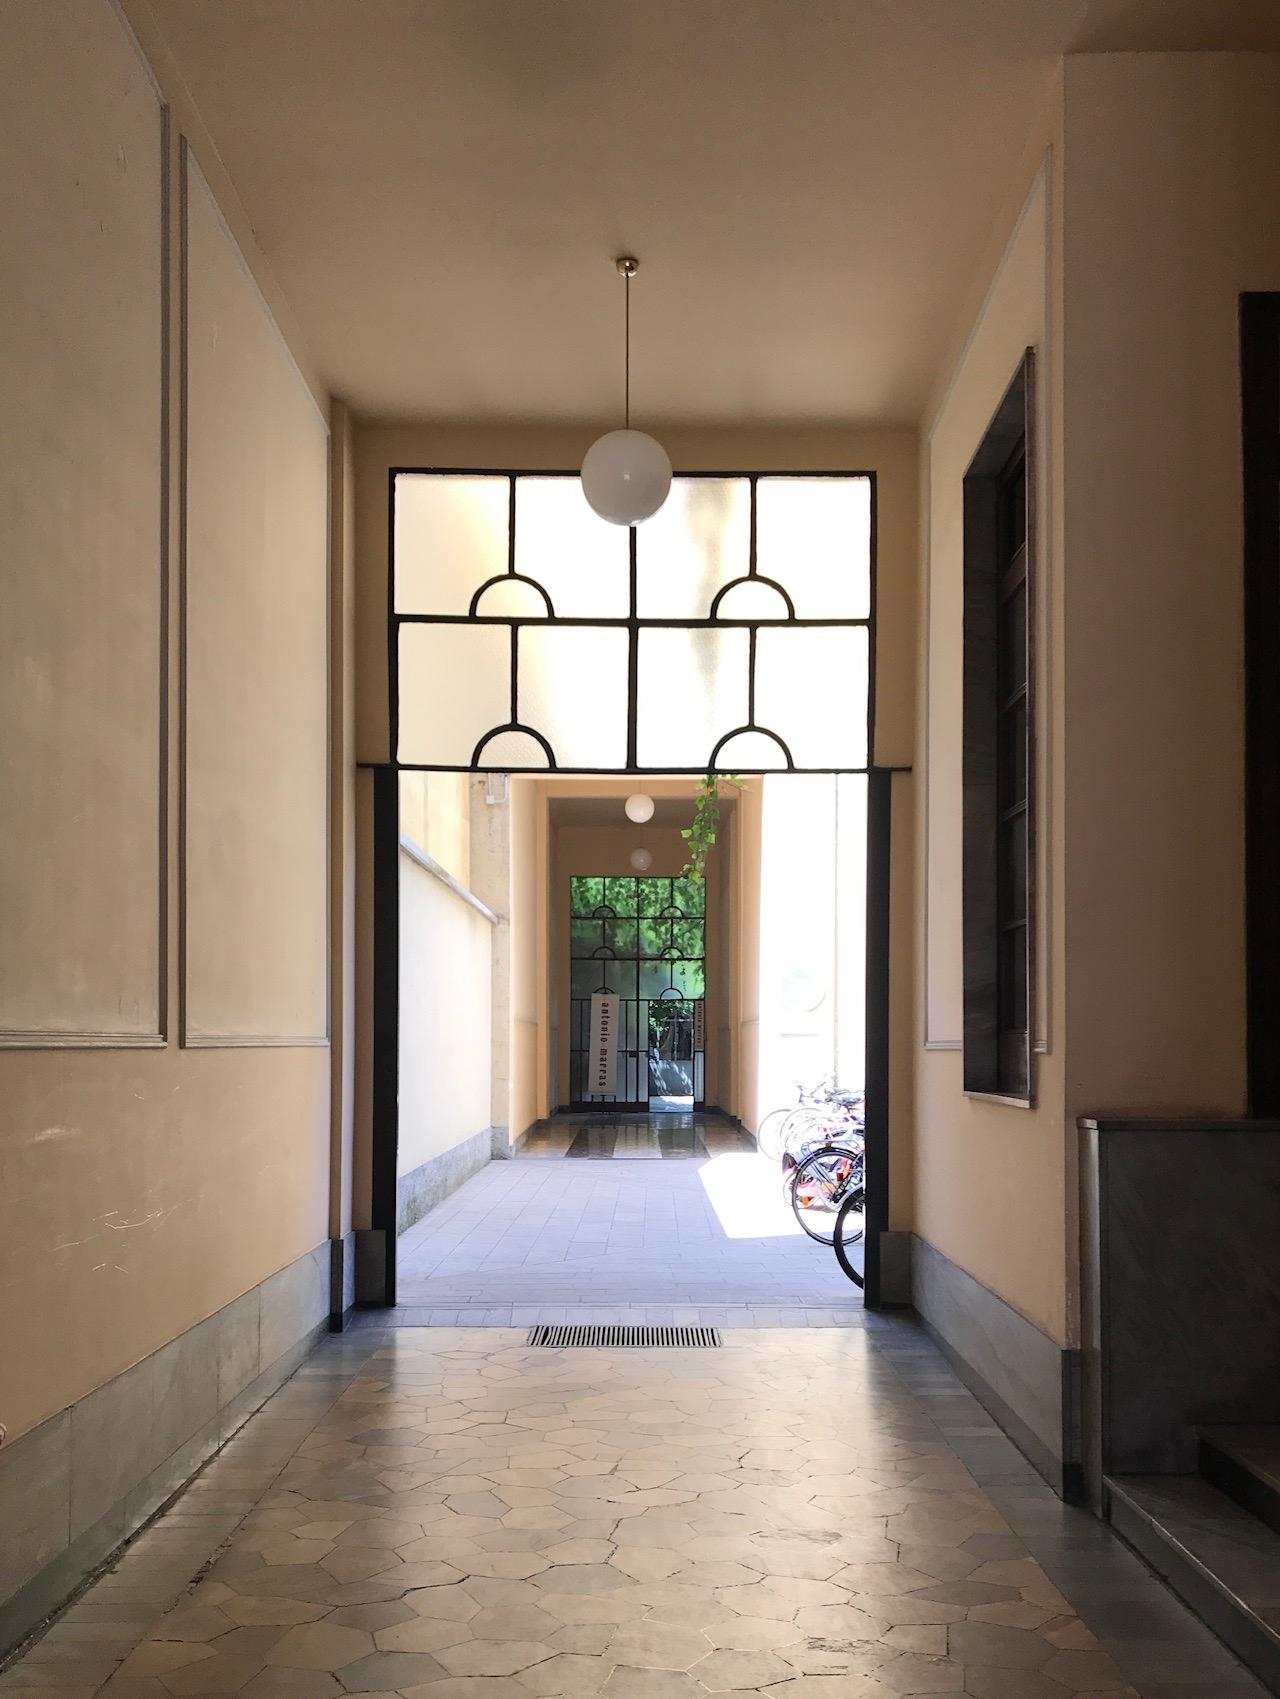 Antonio Marras - showroom entrance